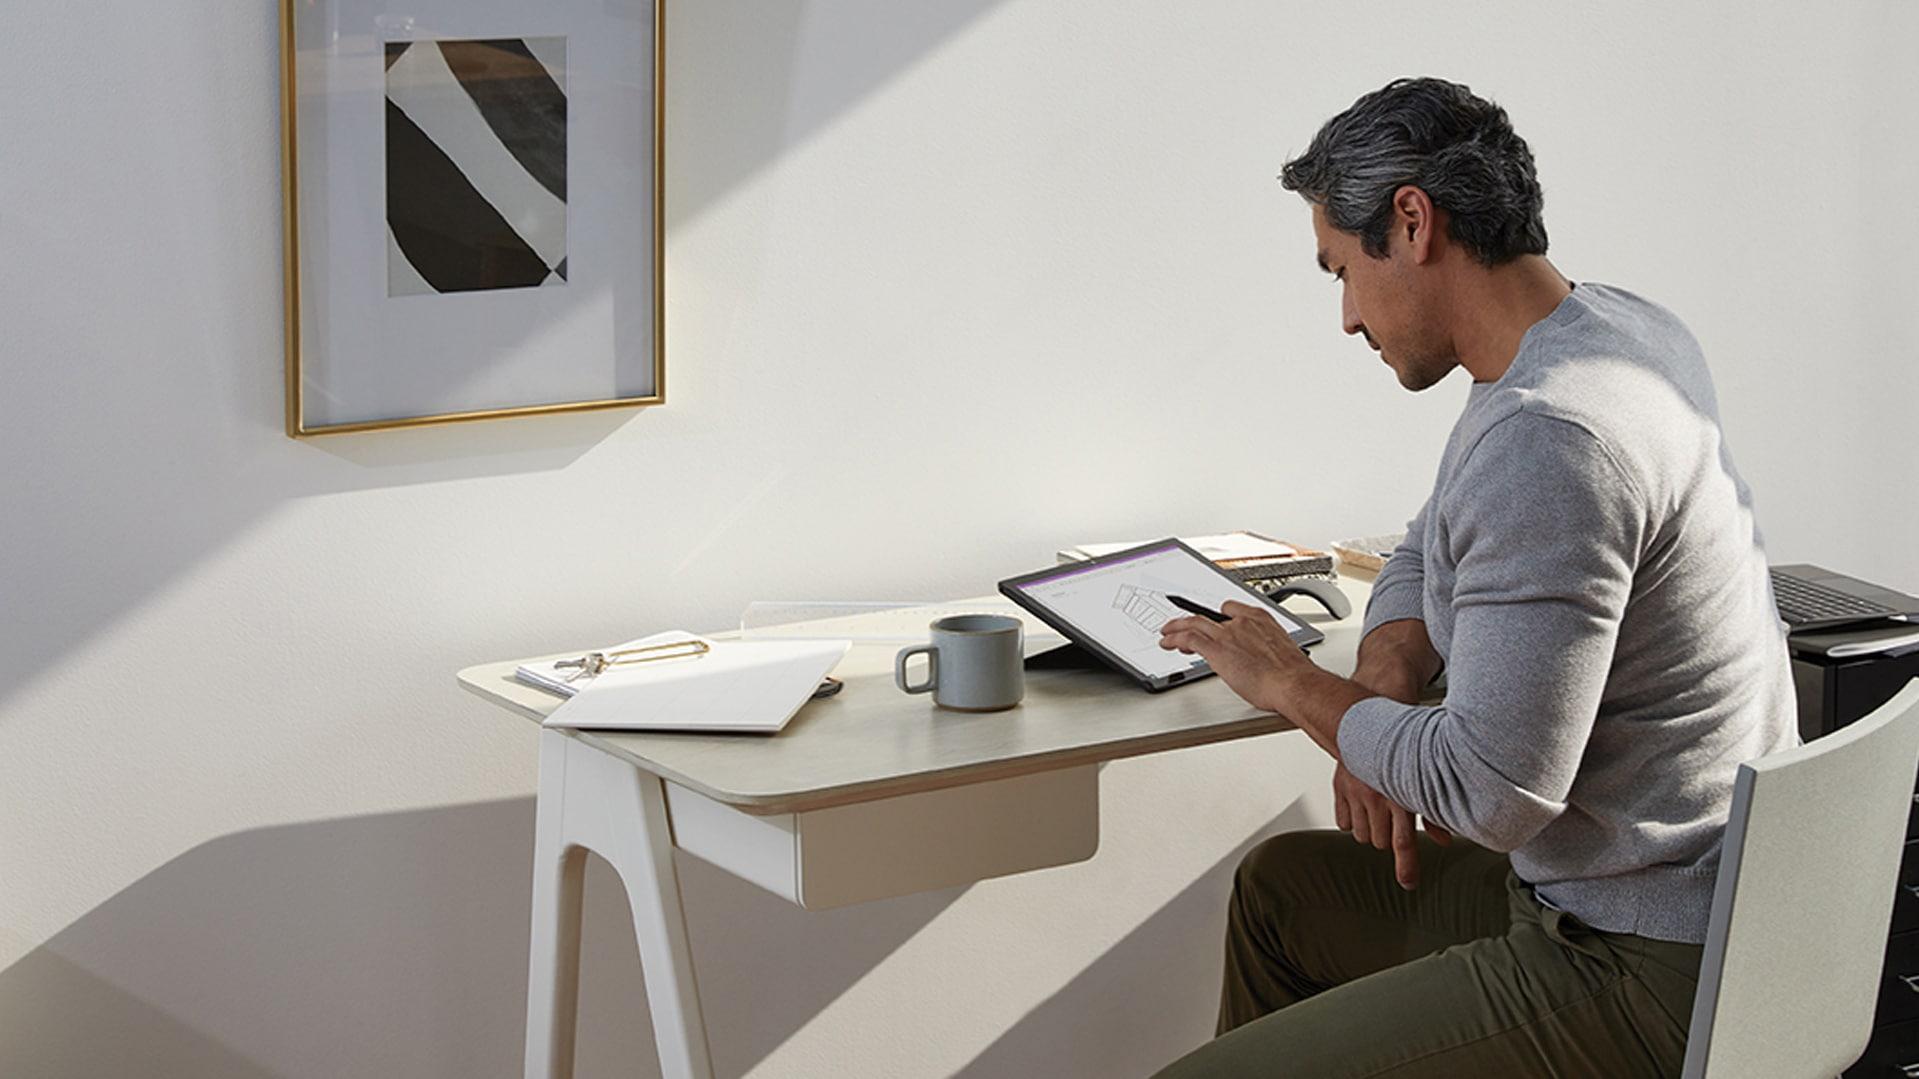 自宅のオフィスで Surface ペンと Surface Pro を使用している男性